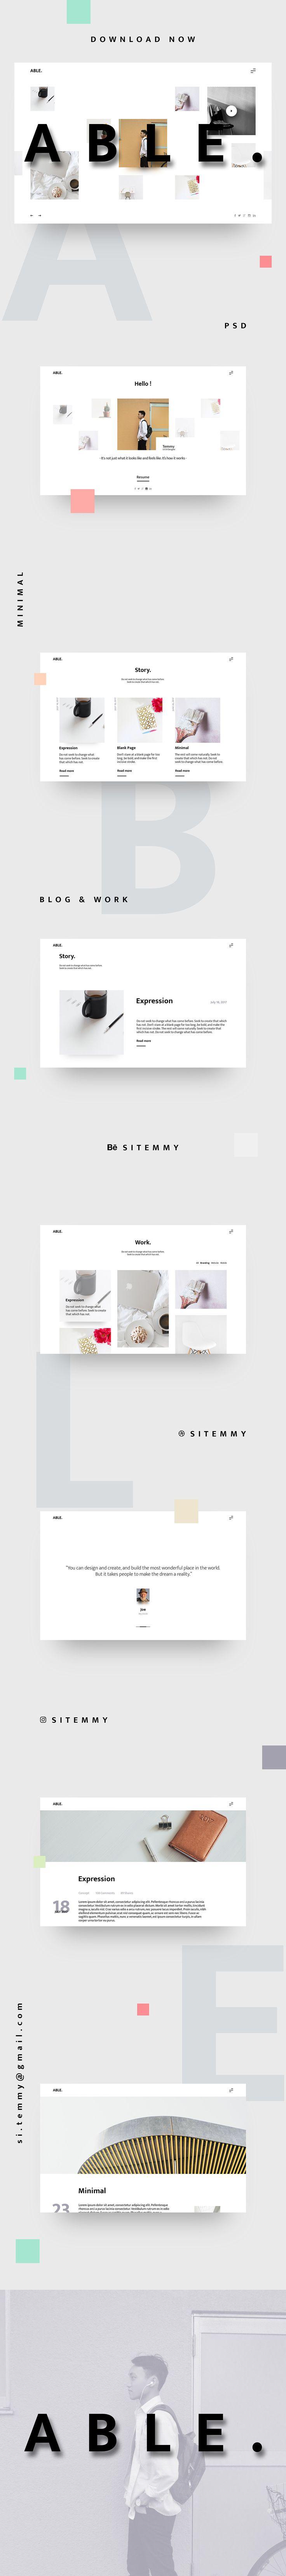 Portfolio / Resume Website Template PSD